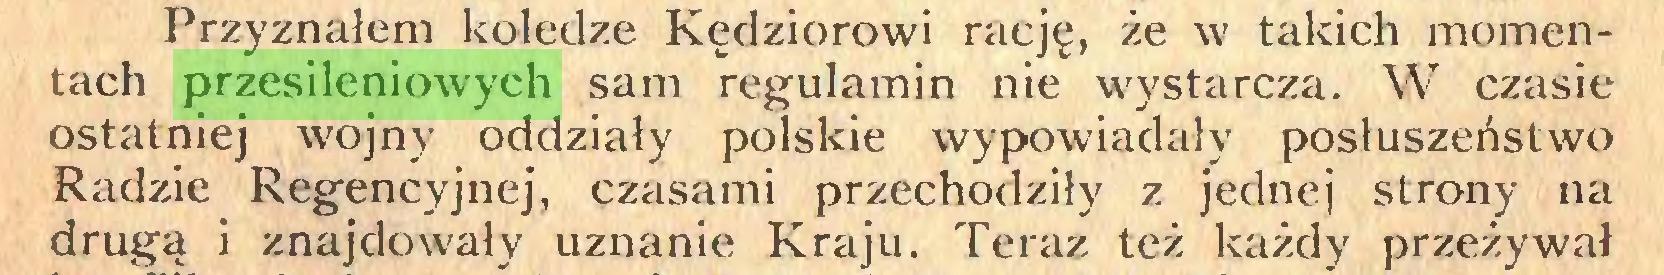 (...) Przyznałem koledze Kędziorowi rację, że w takich momentach przesileniowych sam regulamin nie wystarcza. W czasie ostatniej wojny oddziały polskie wypowiadały posłuszeństwo Radzie Regencyjnej, czasami przechodziły z jednej strony na drugą i znajdowały uznanie Kraju. Teraz też każdy przeżywał...